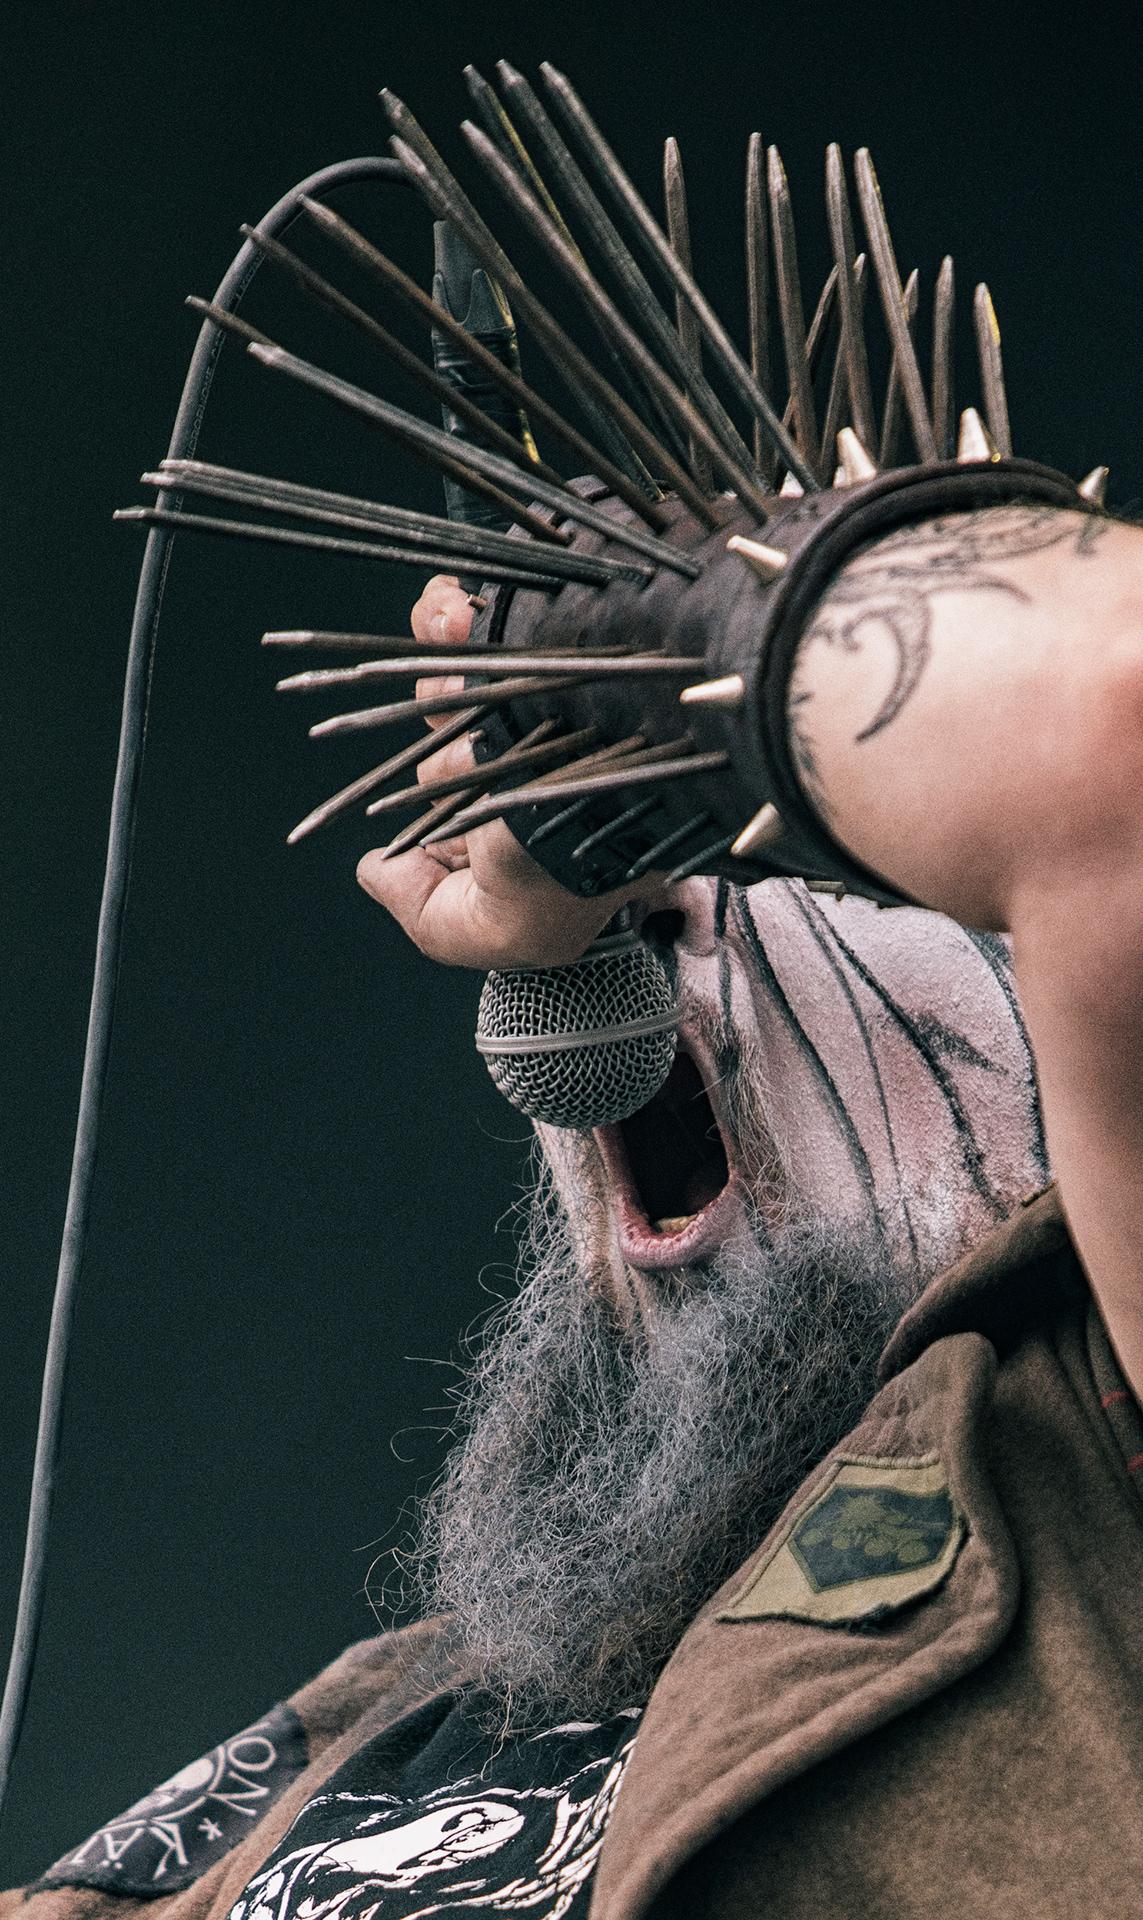 Petja Turunen, Turmion Kätilöt band, Tuska metal festival